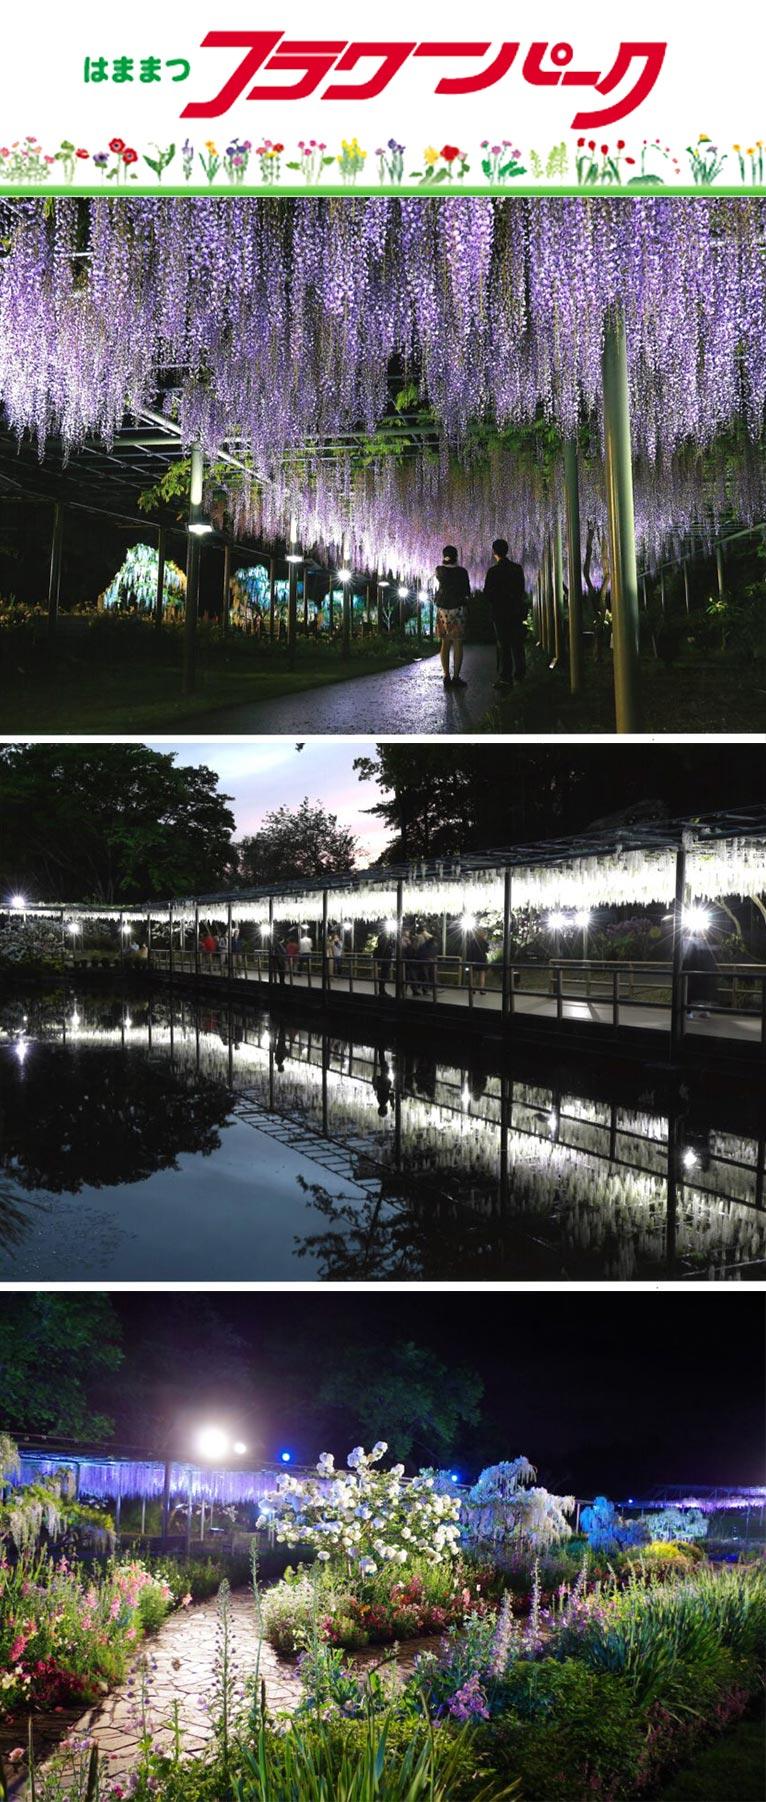 2021年4月23日~ 藤&スマイルガーデン ライトアップ はままつフラワーパーク